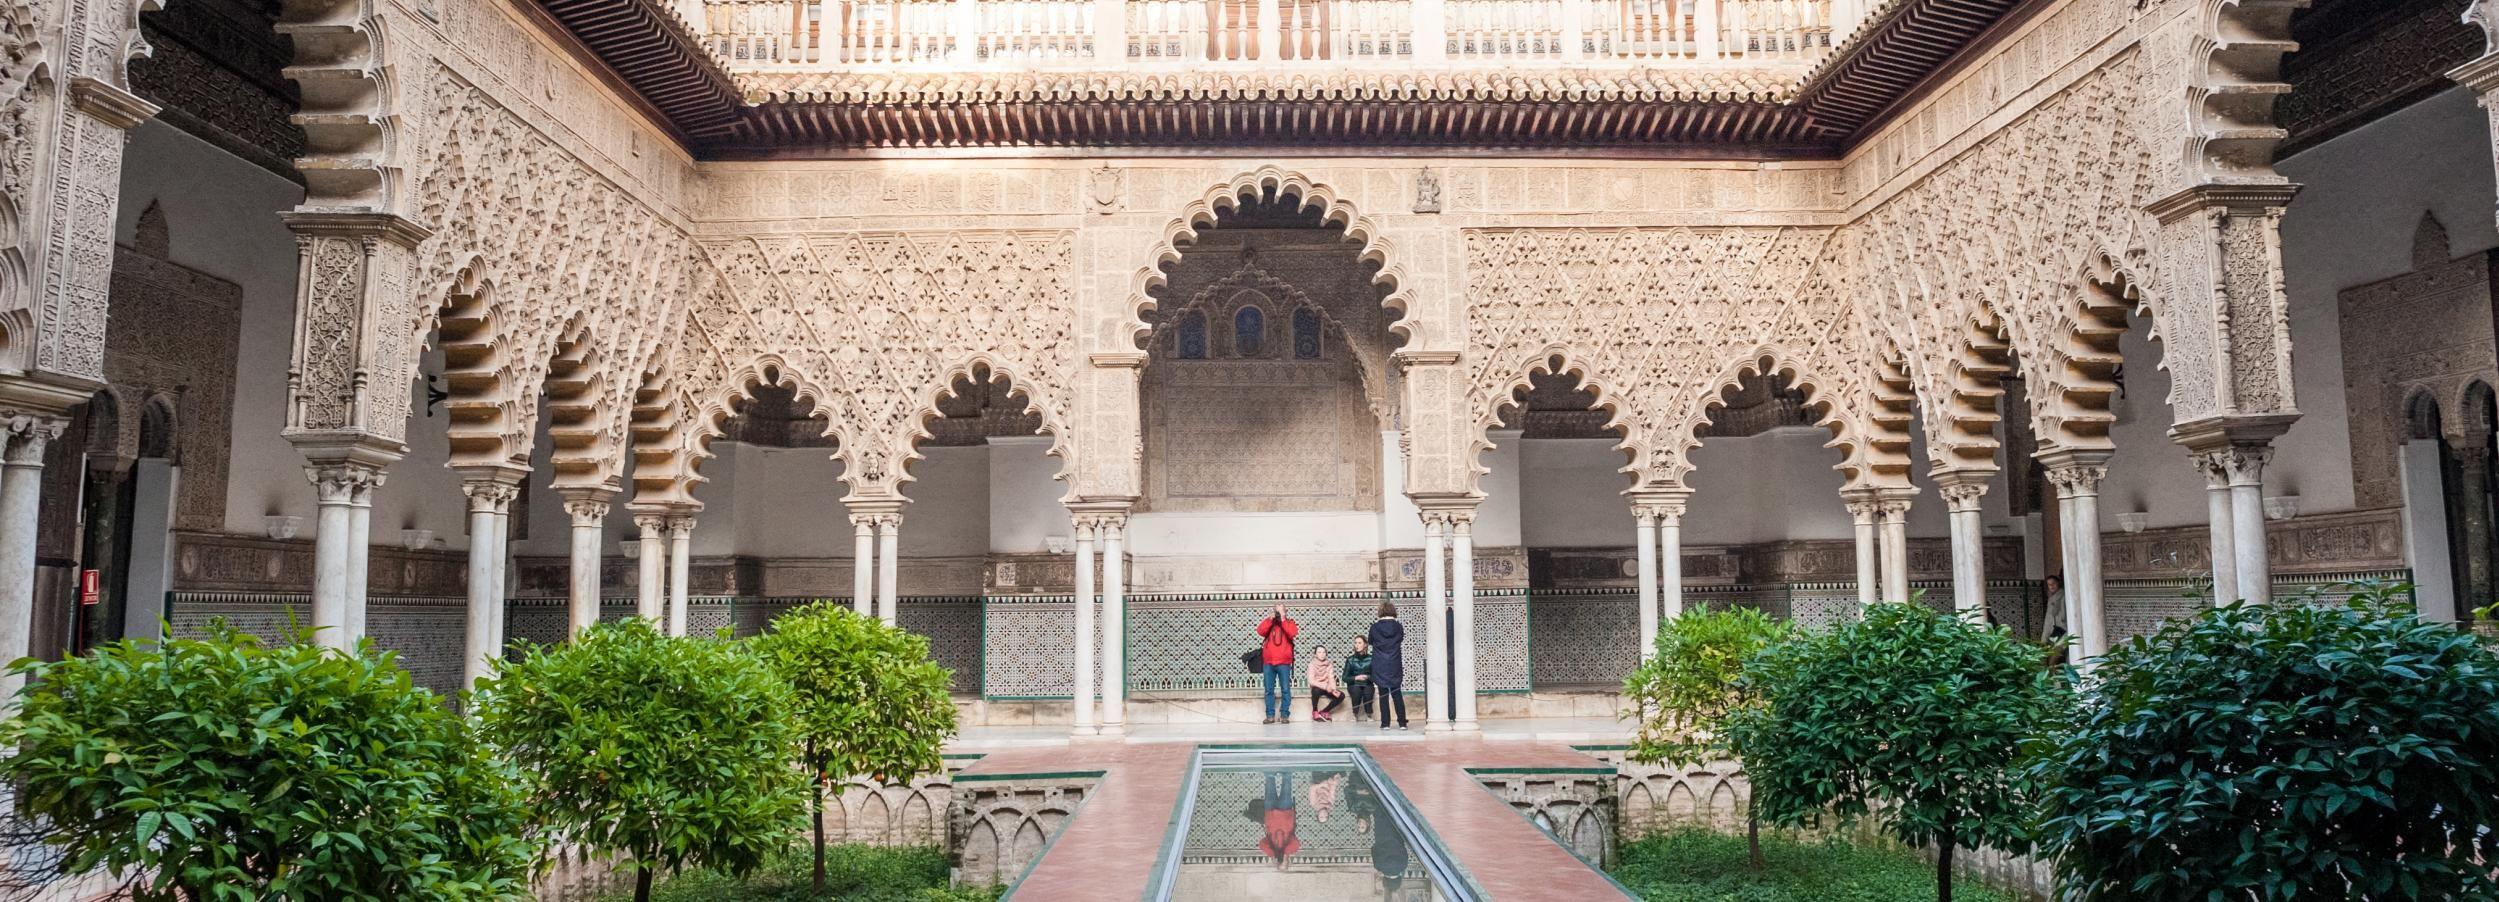 Sewilla: katedra, Giralda i wstęp do Alkazar ze zwiedzaniem